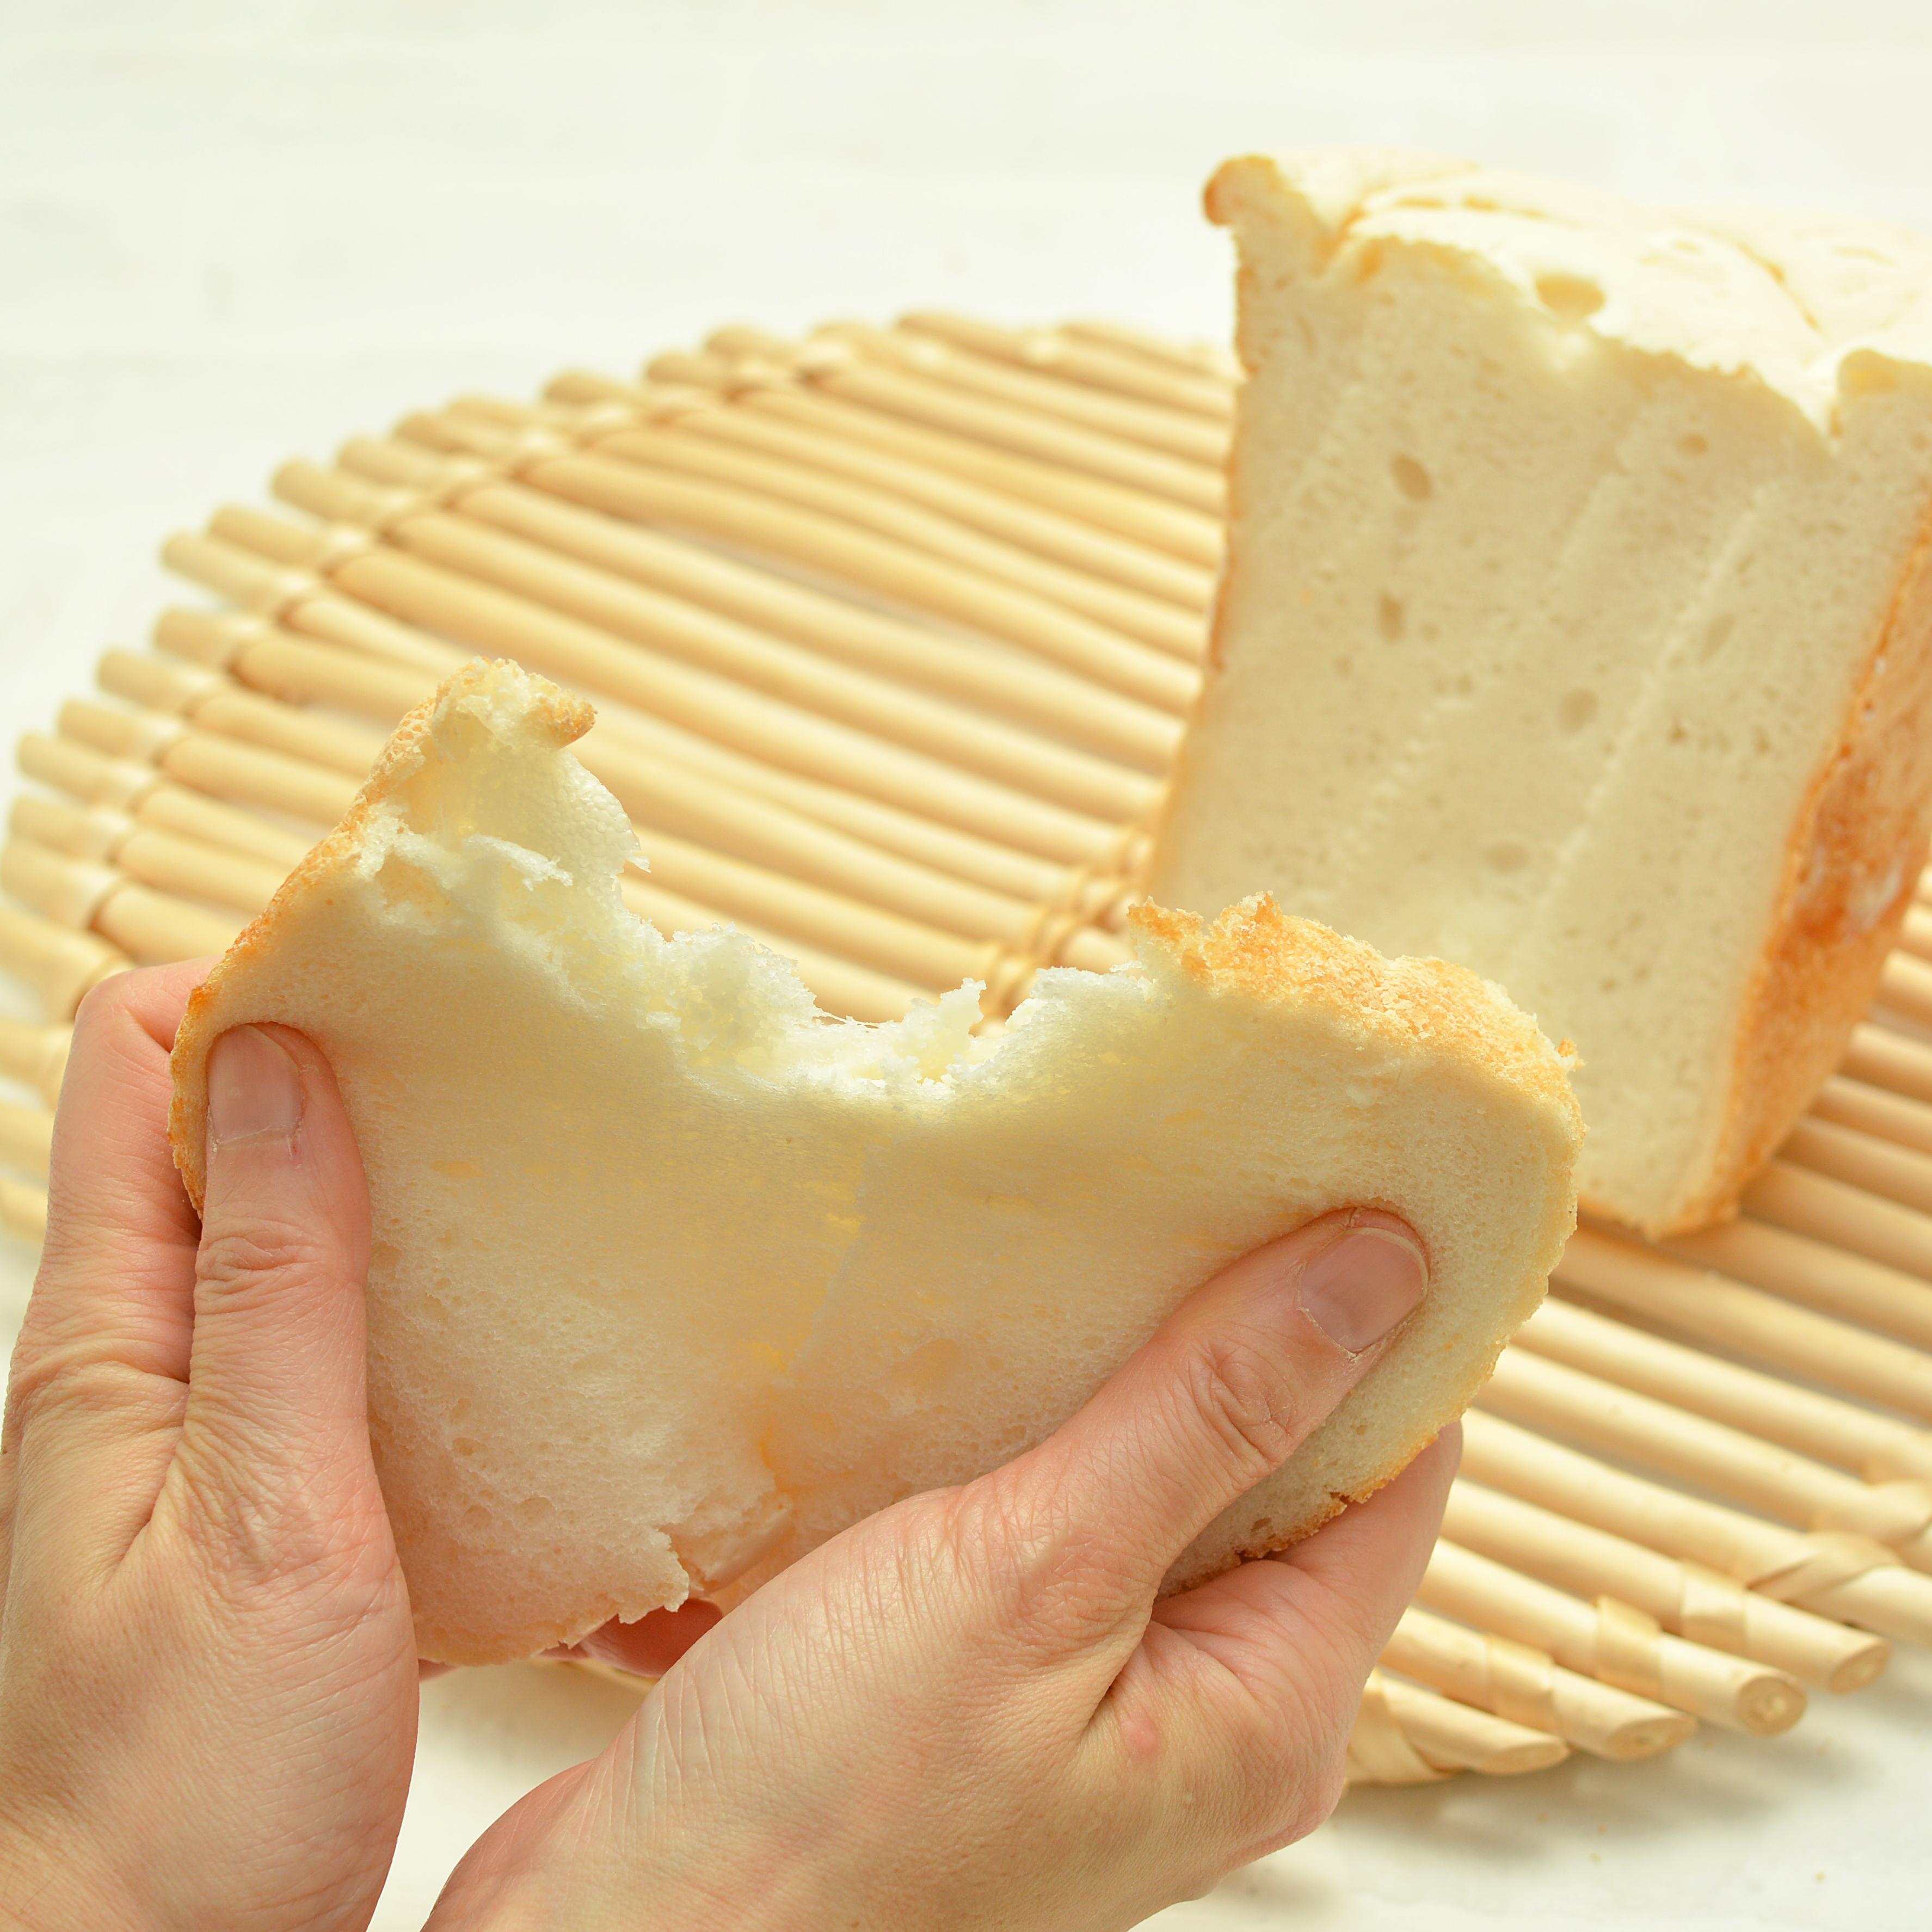 ホームベーカリーで作るミズホチカラの100%米粉食パン